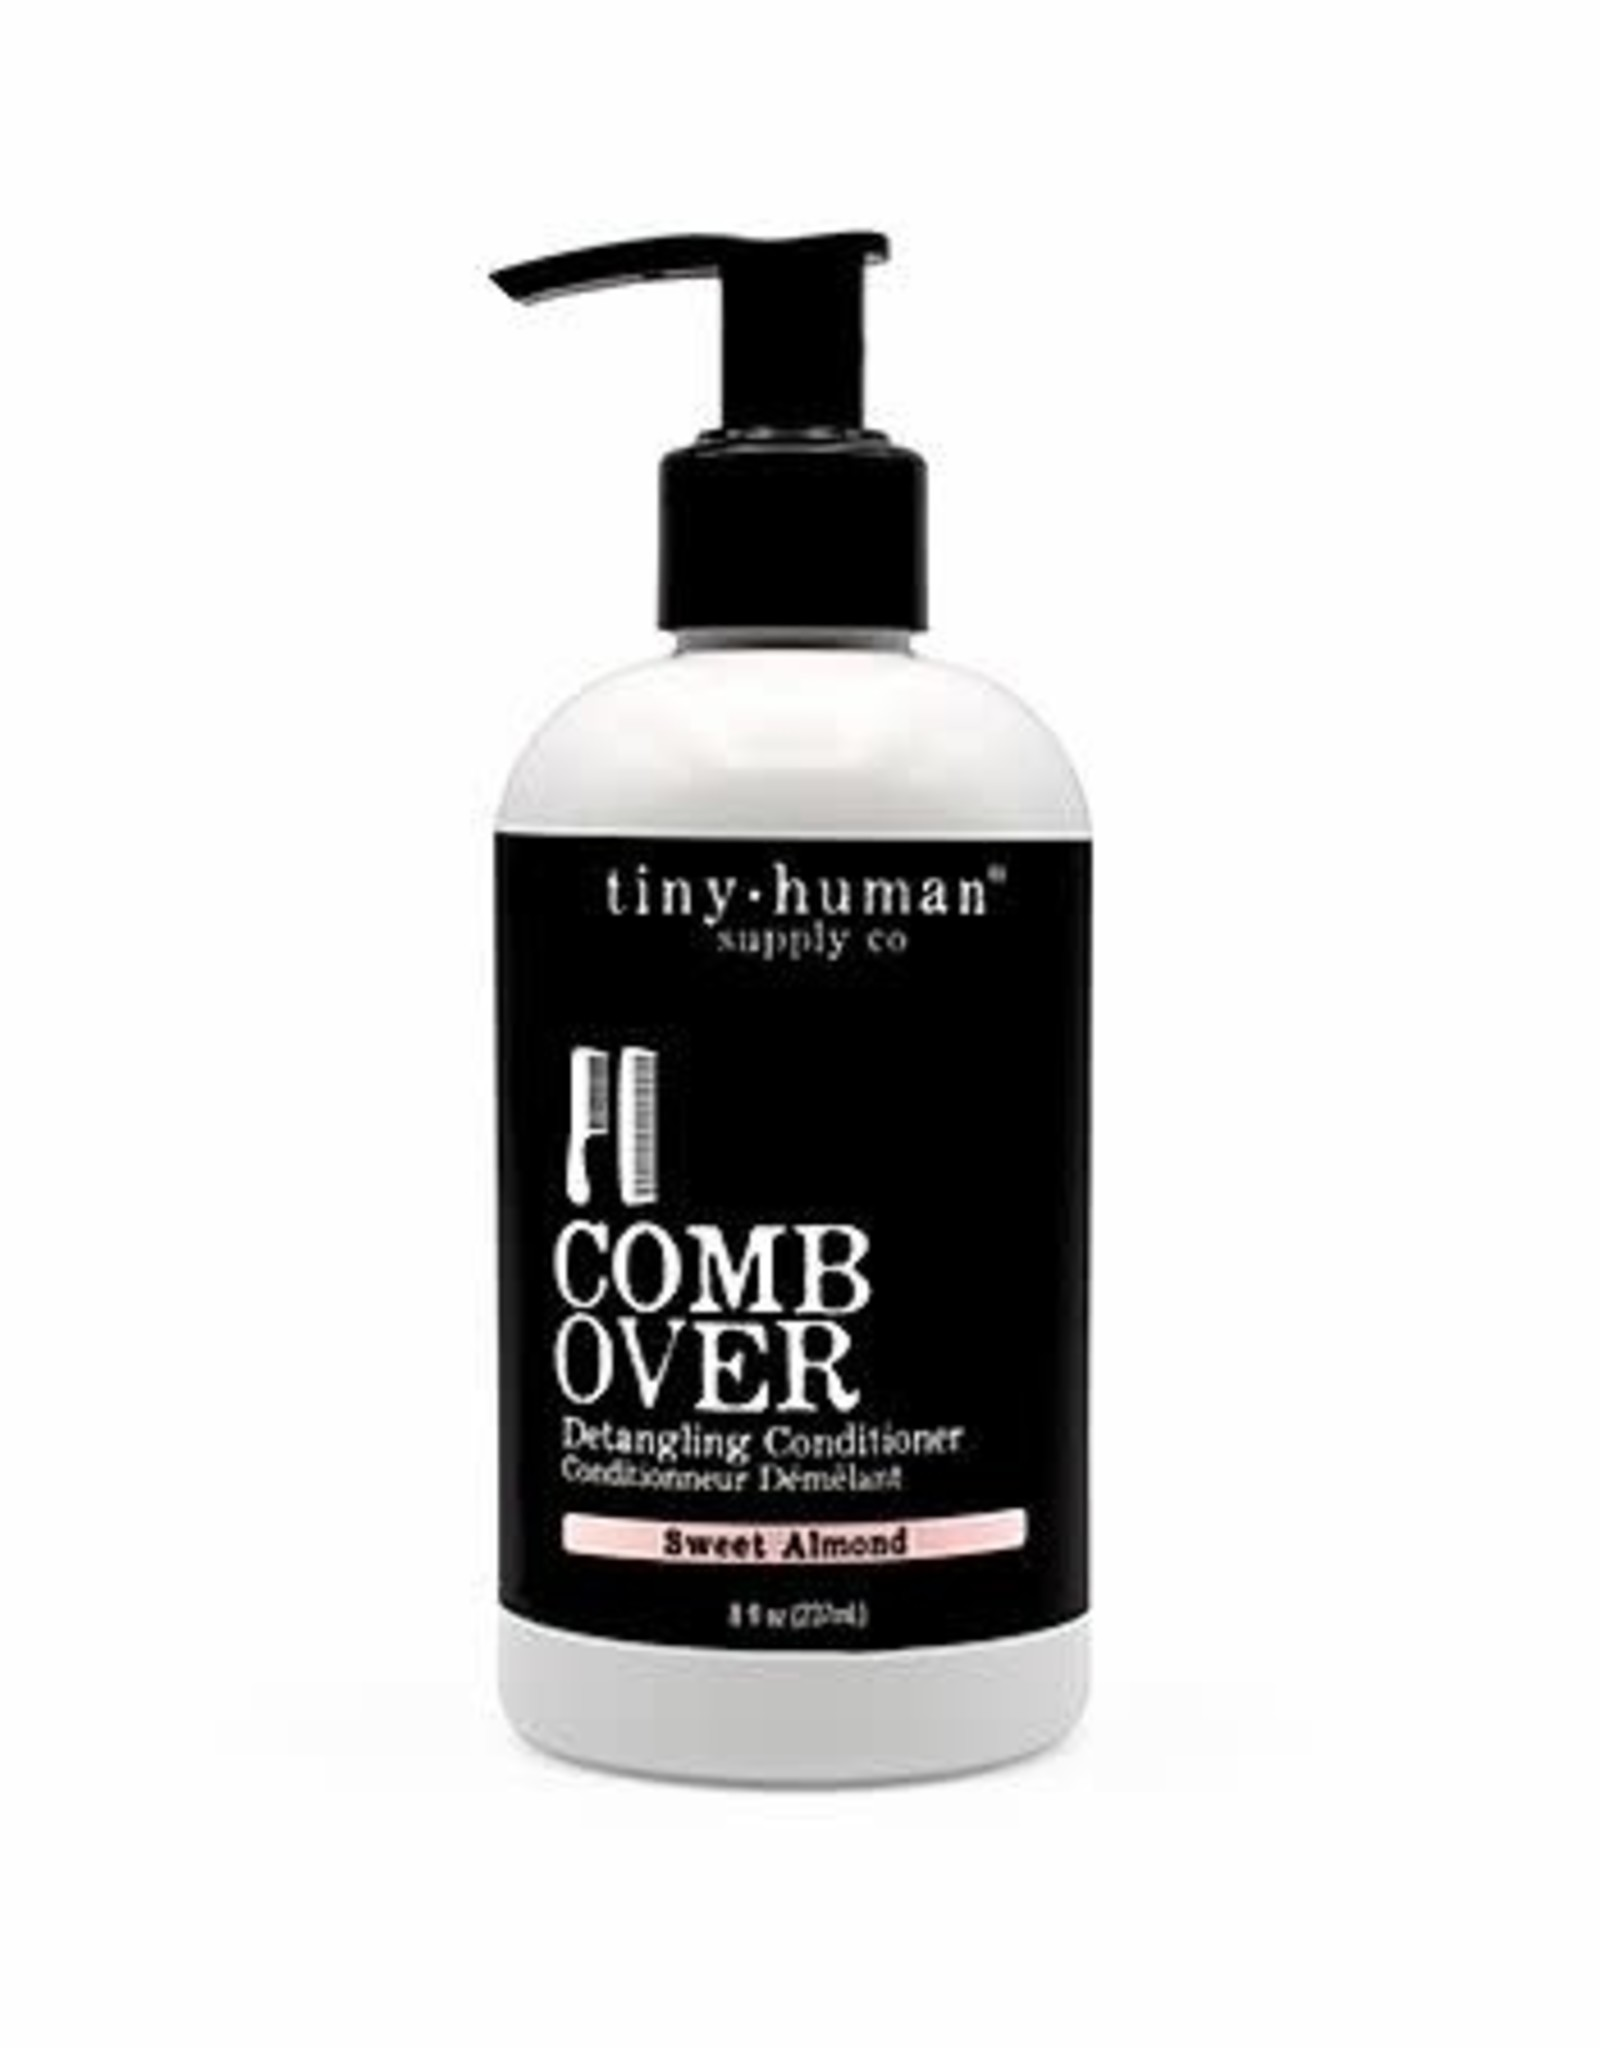 Tiny Human Tiny Human Comb Over Conditioner 8 oz